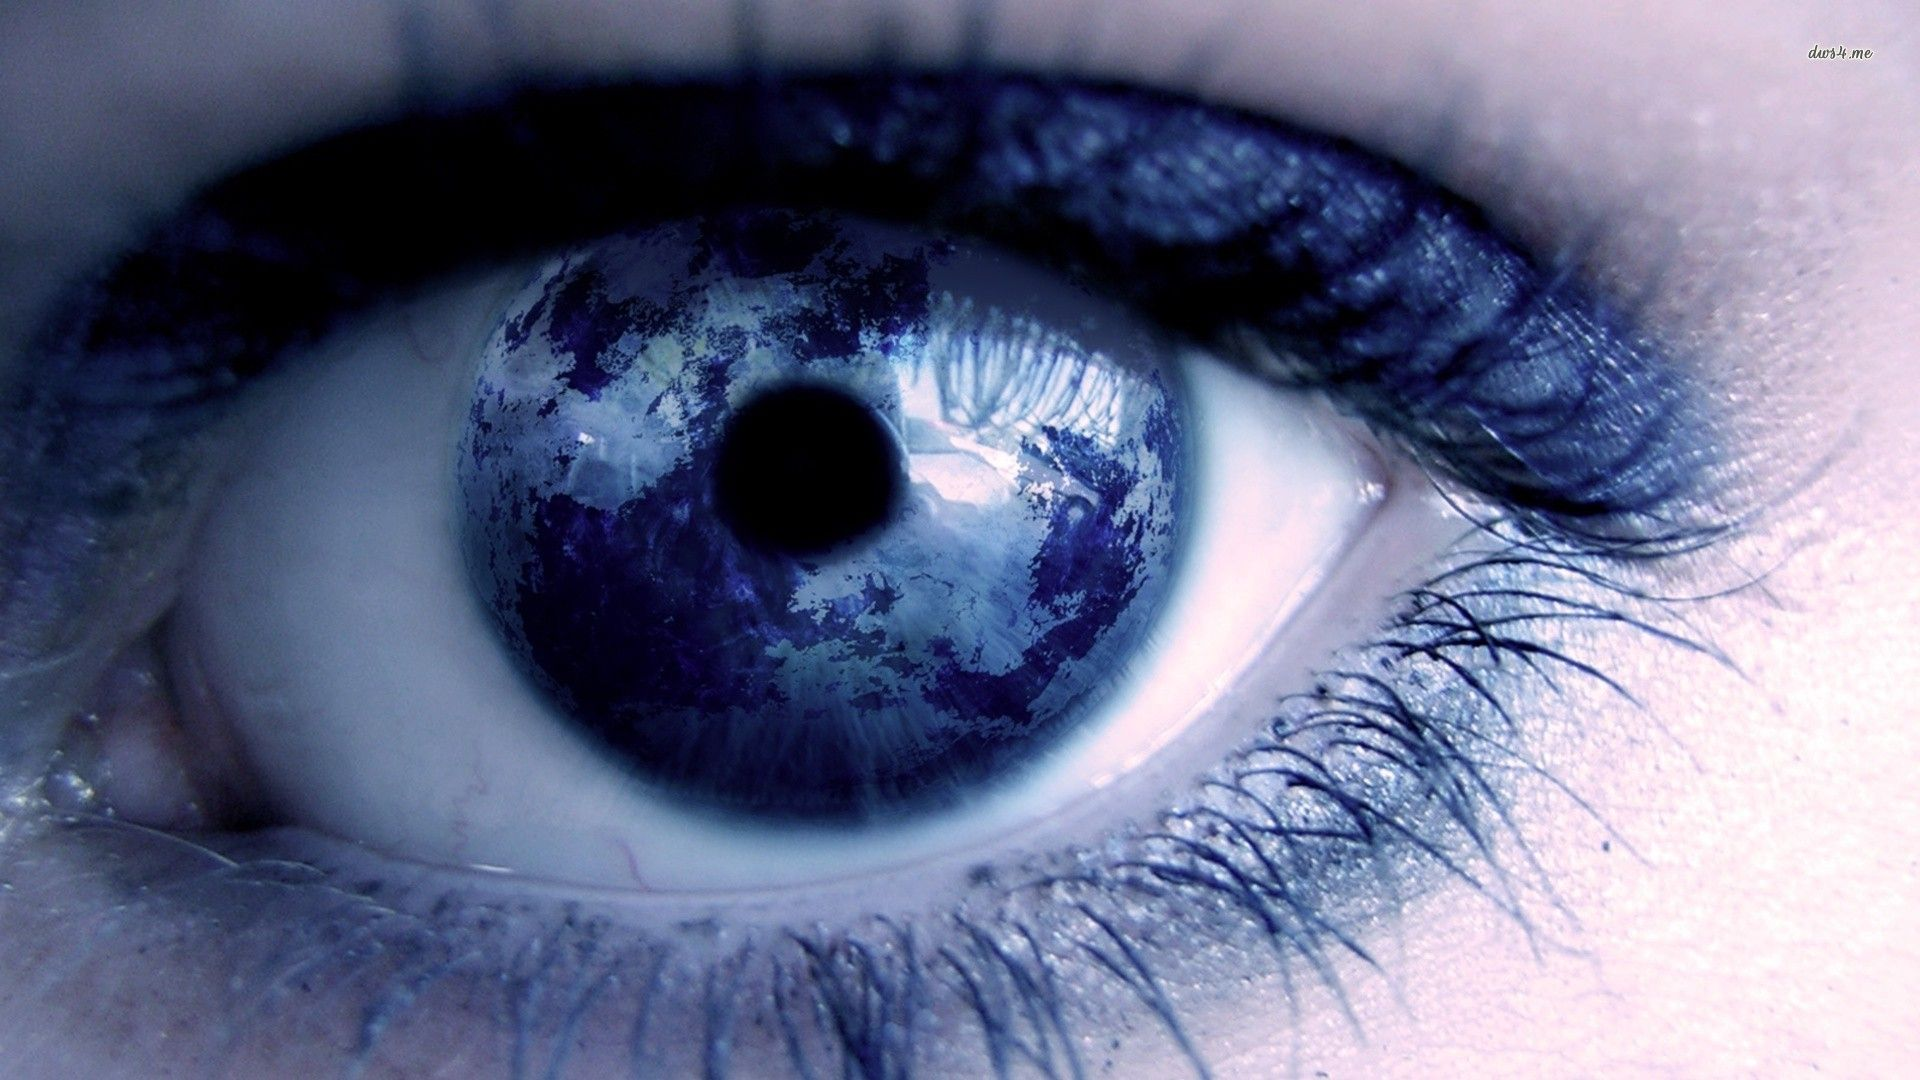 Blue Eyes Wallpaper Eyeball Art Eyes Wallpaper Eye Art